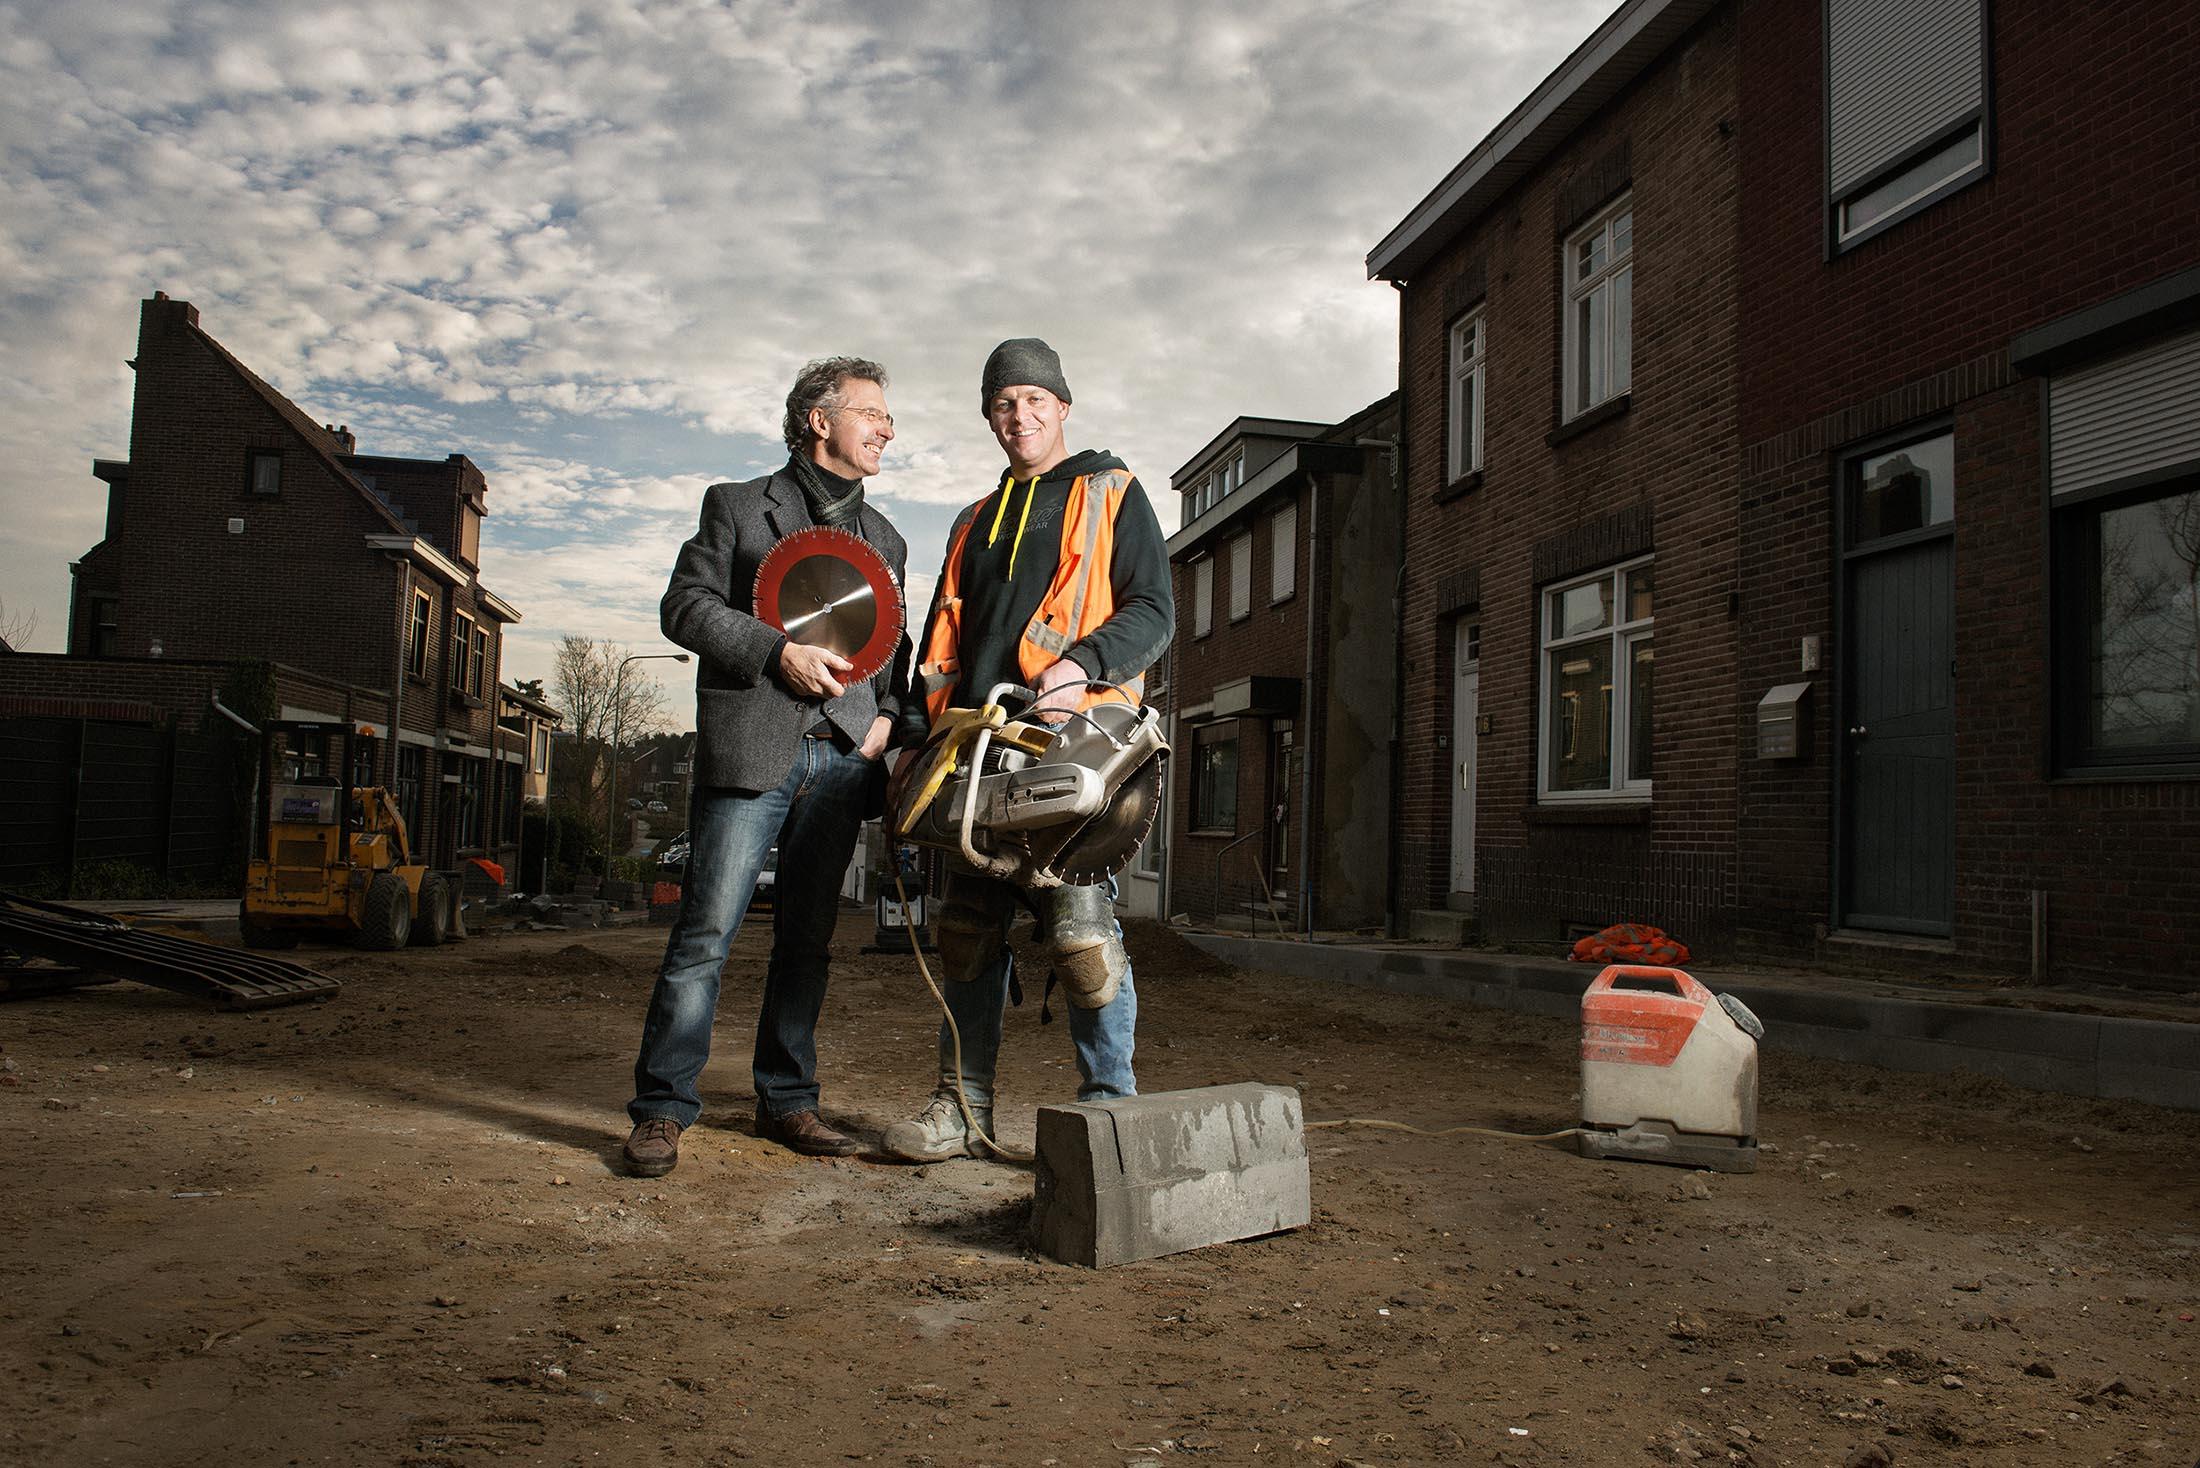 bedrijfsreportage fotografie bouw bedrijf